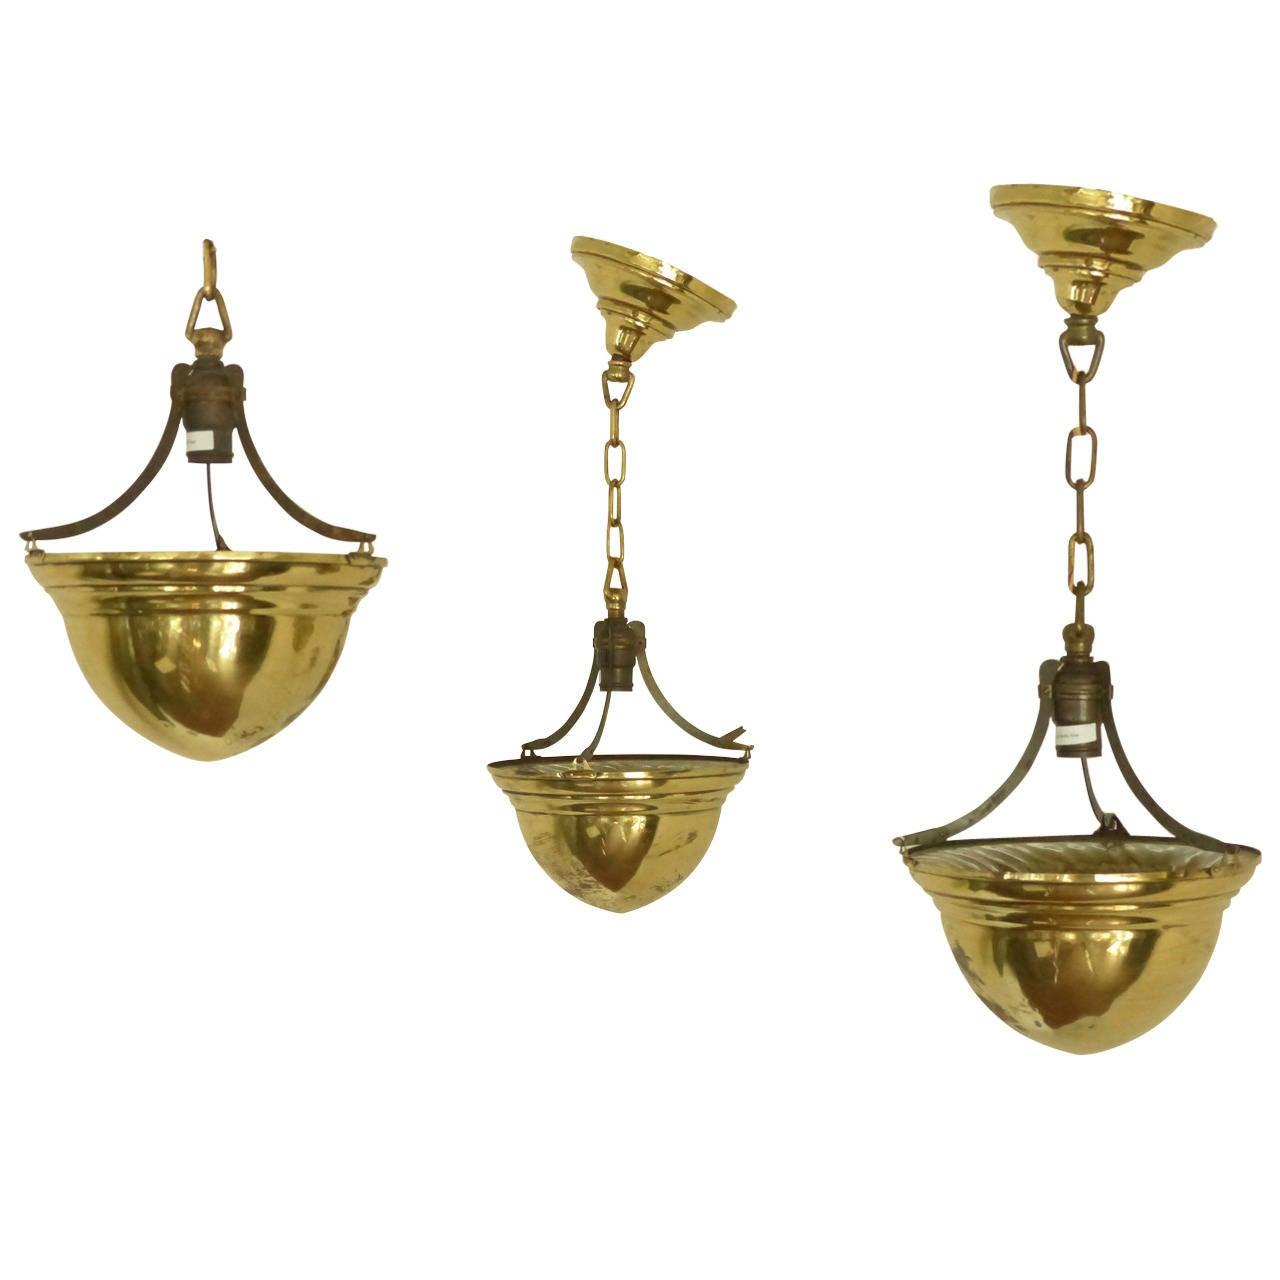 Ceiling light fixtures brass : Brass cone ceiling light fixtures at stdibs